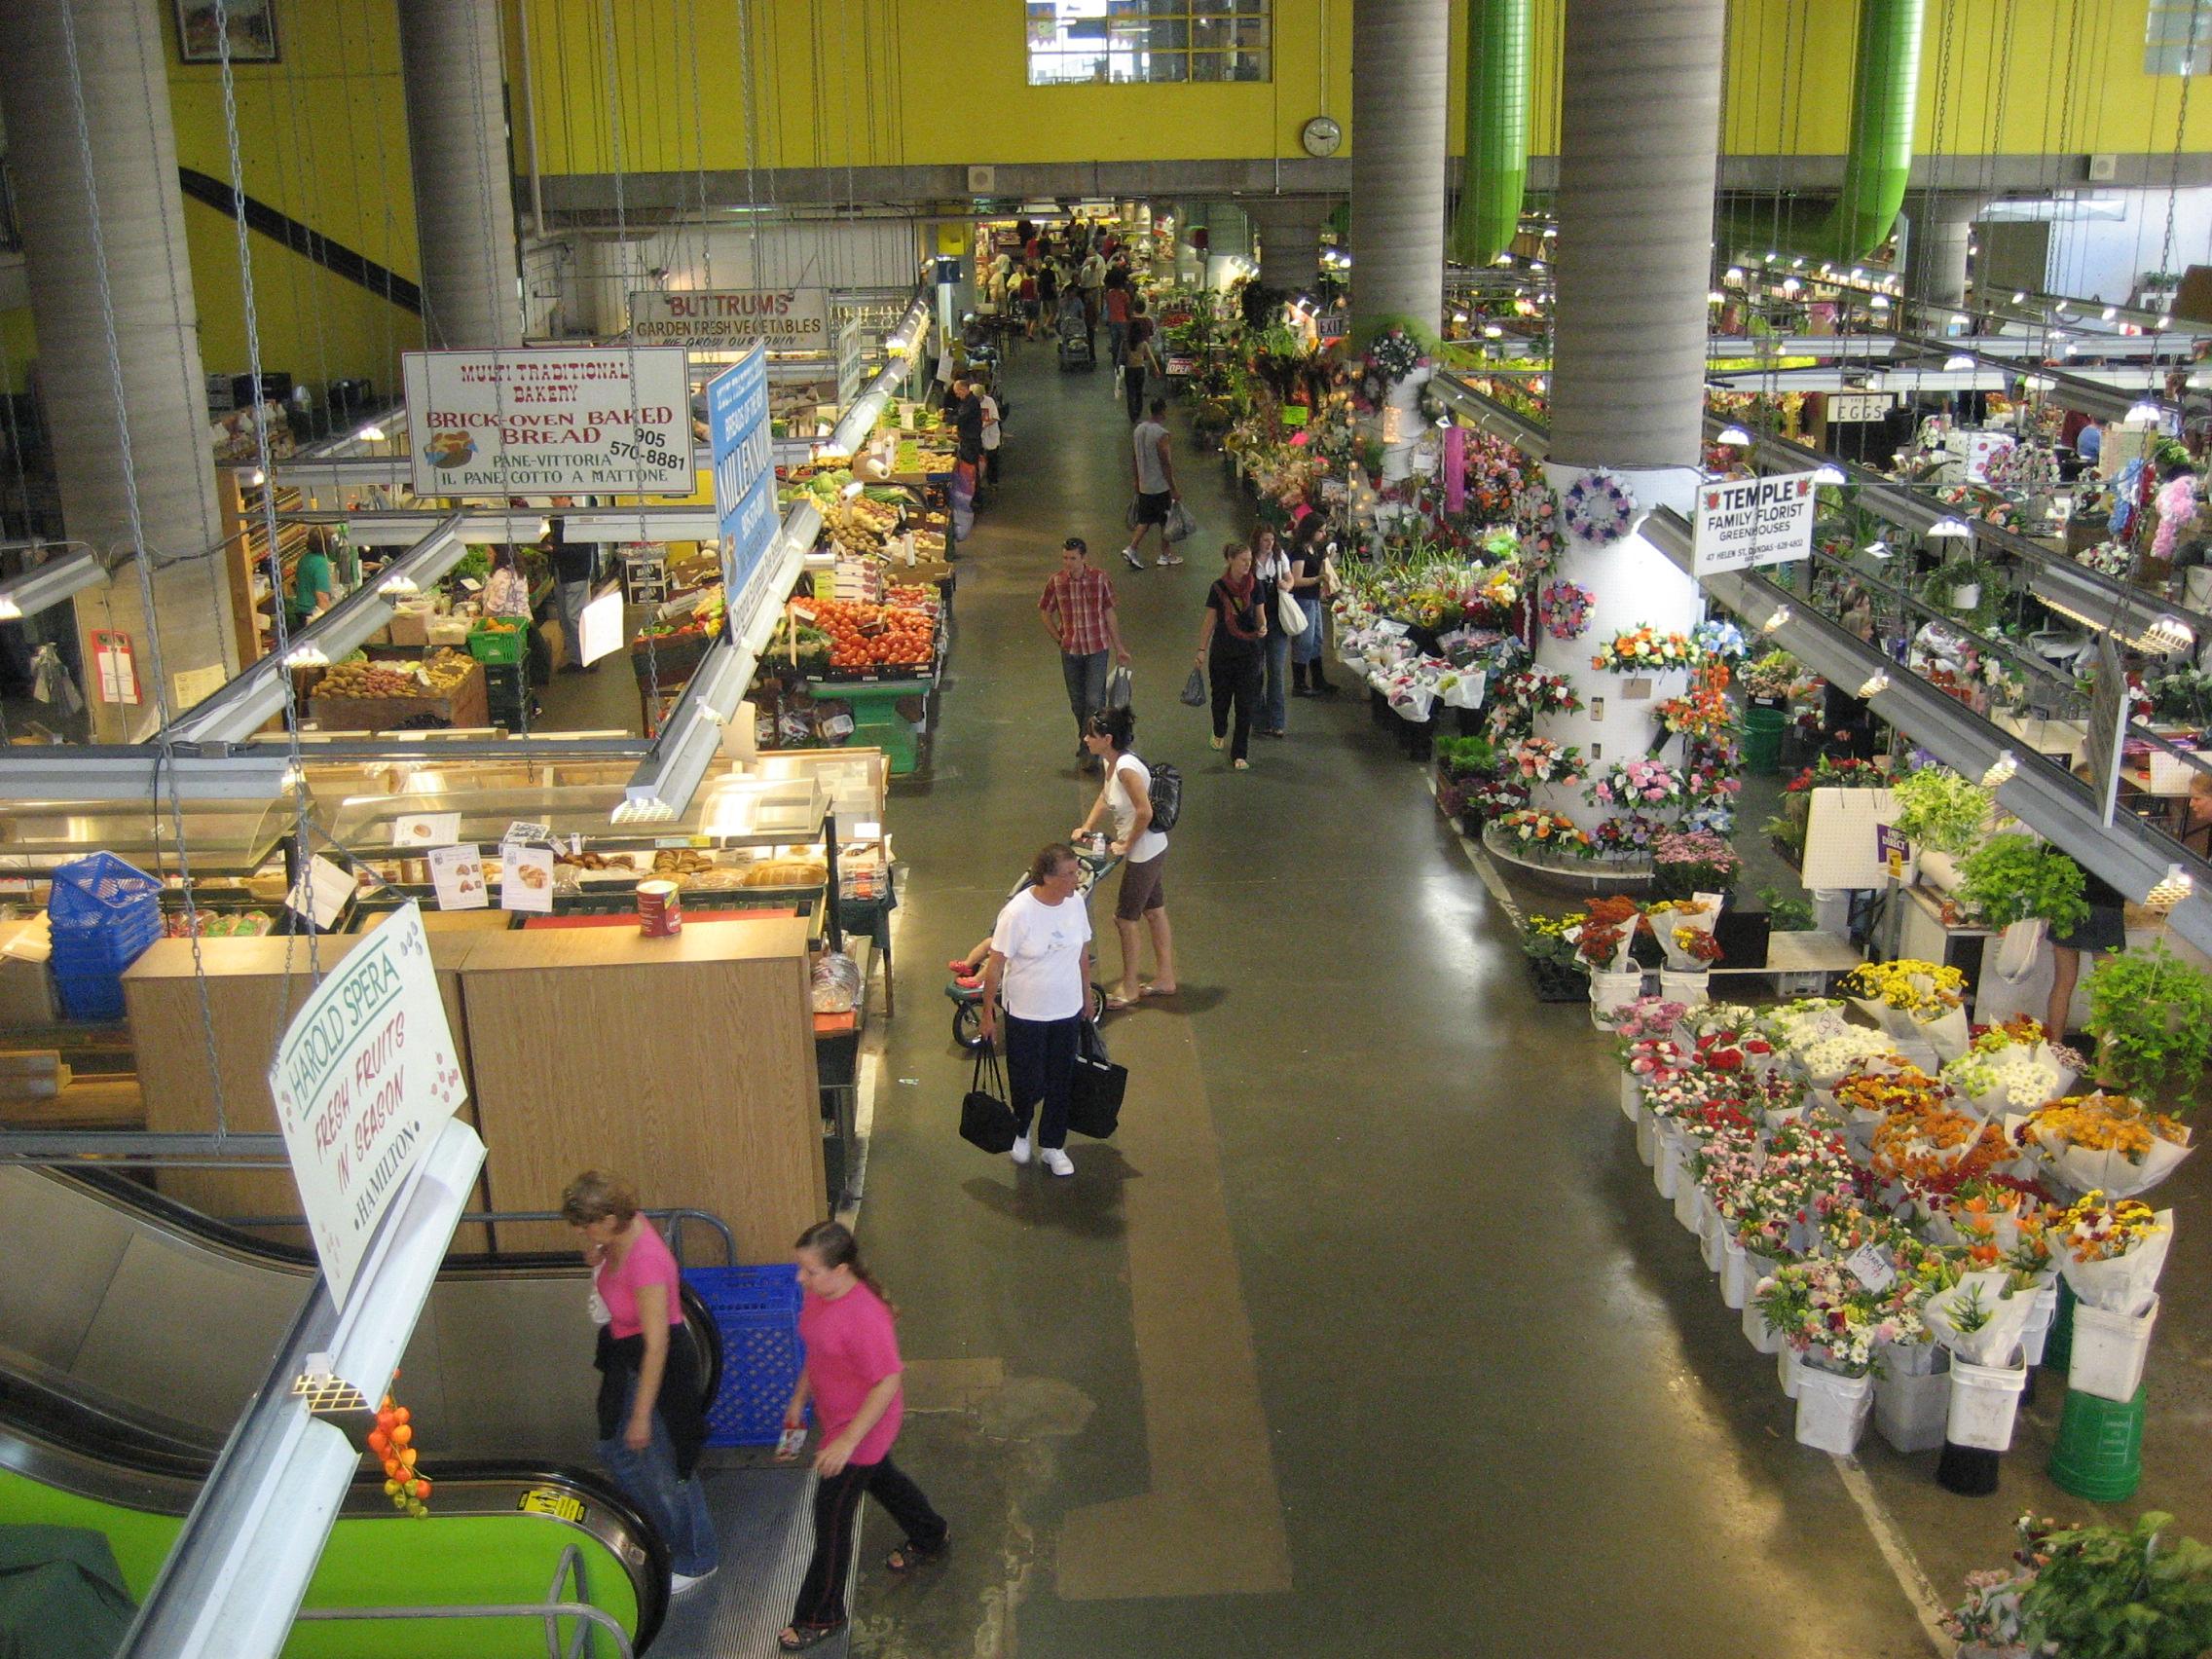 Hamilton_Farmers_Market, Things to do in Hamilton, Canada